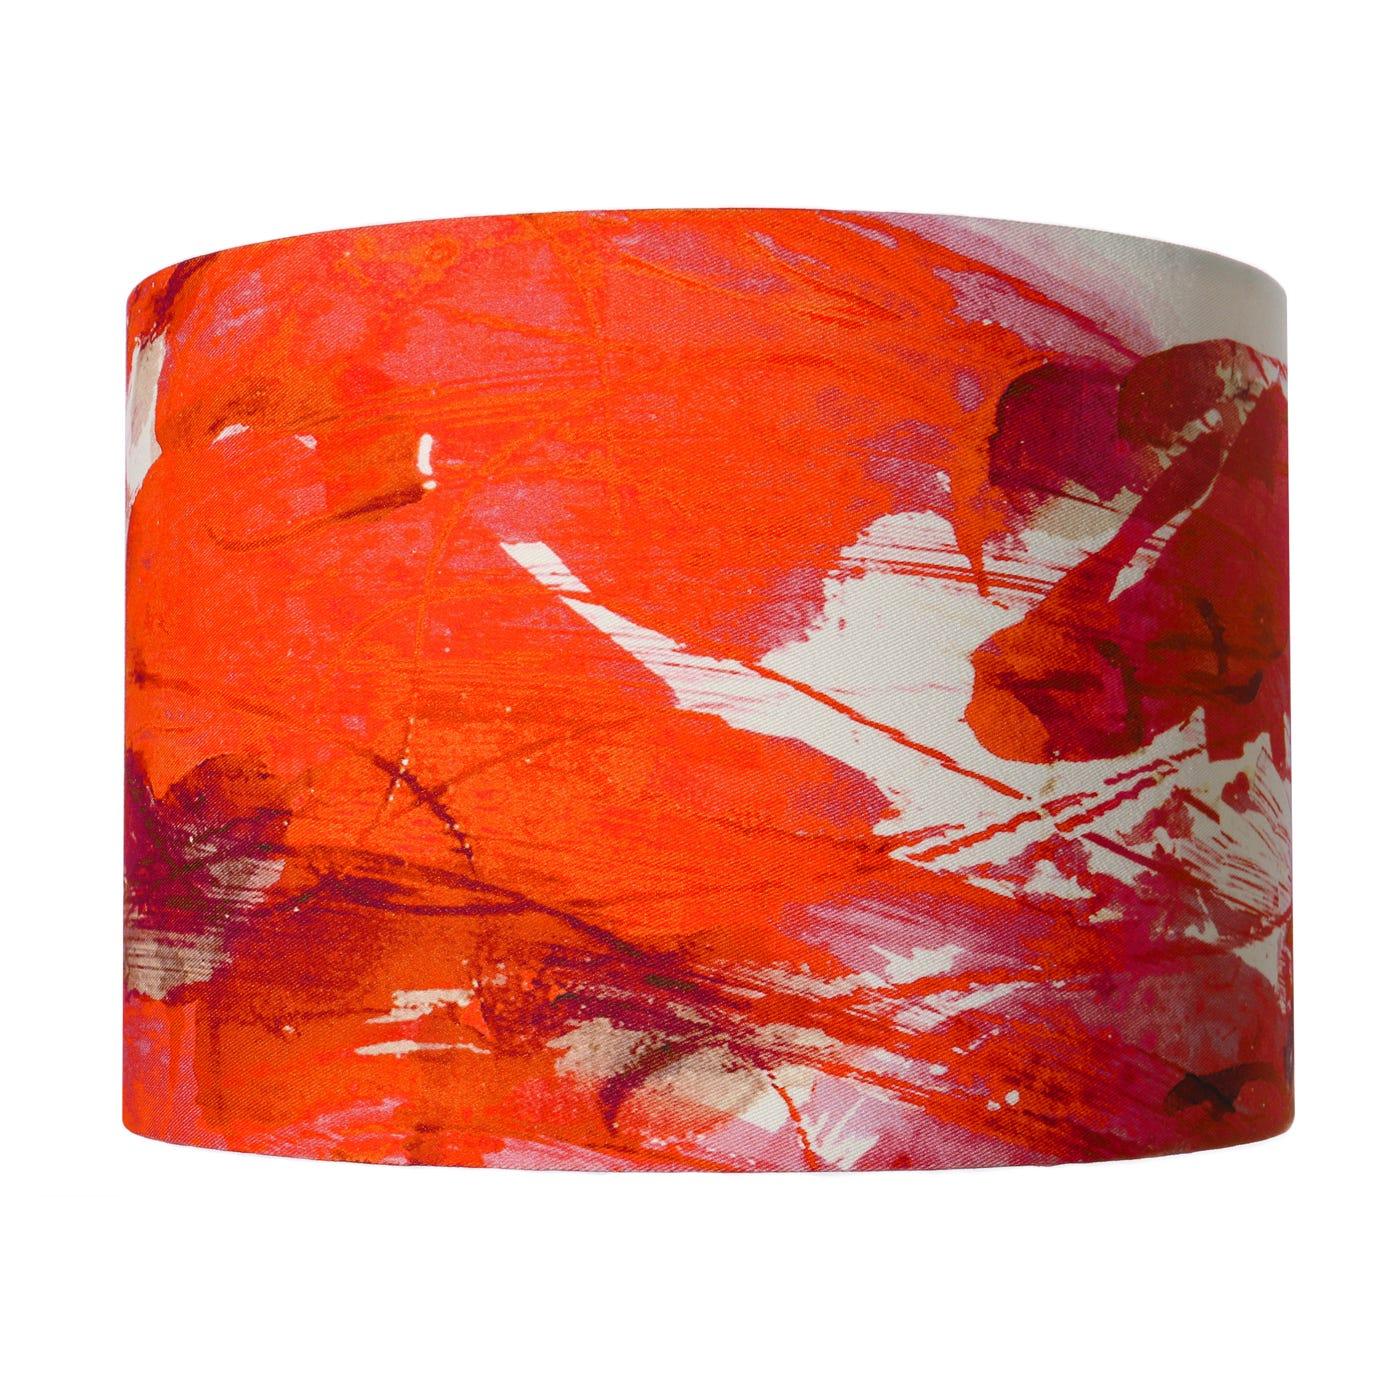 Sedum Detail in Orange lampshade Large - Discontinued